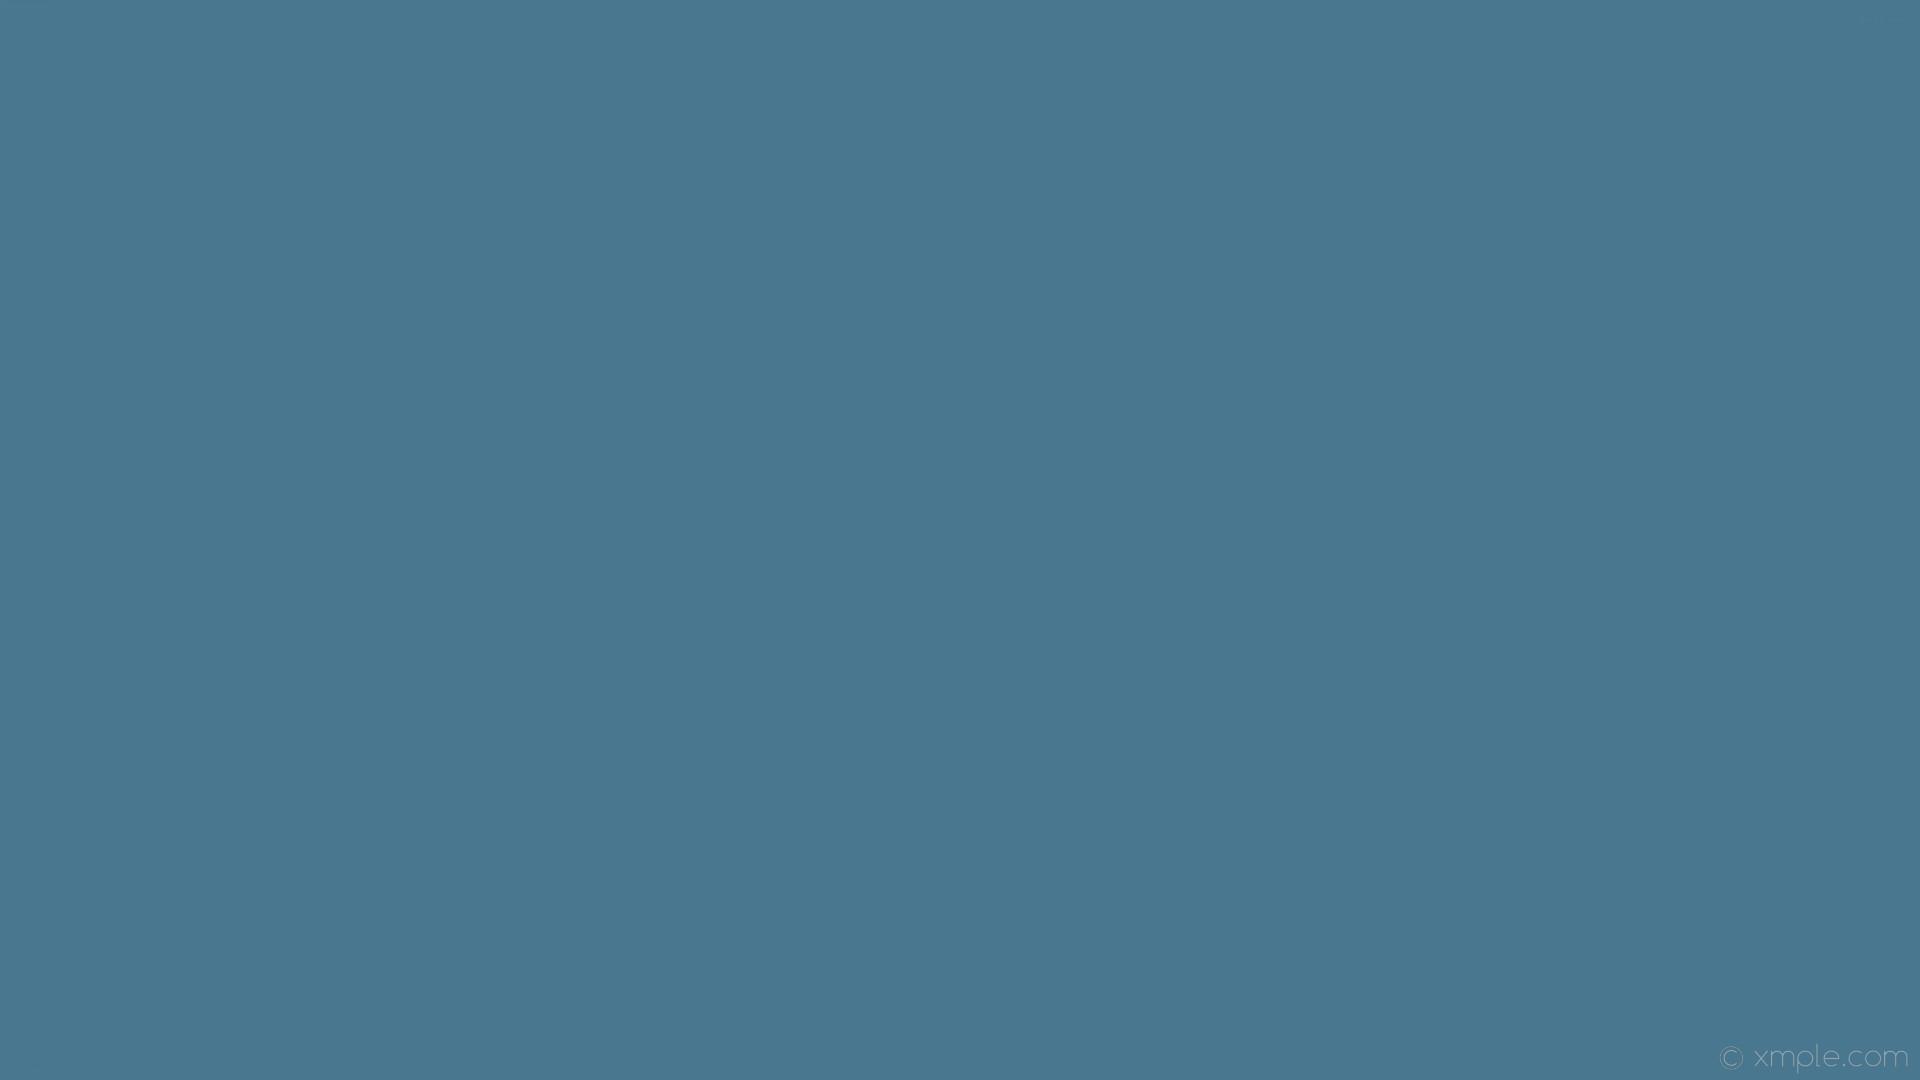 wallpaper single azure solid color plain one colour #48778f